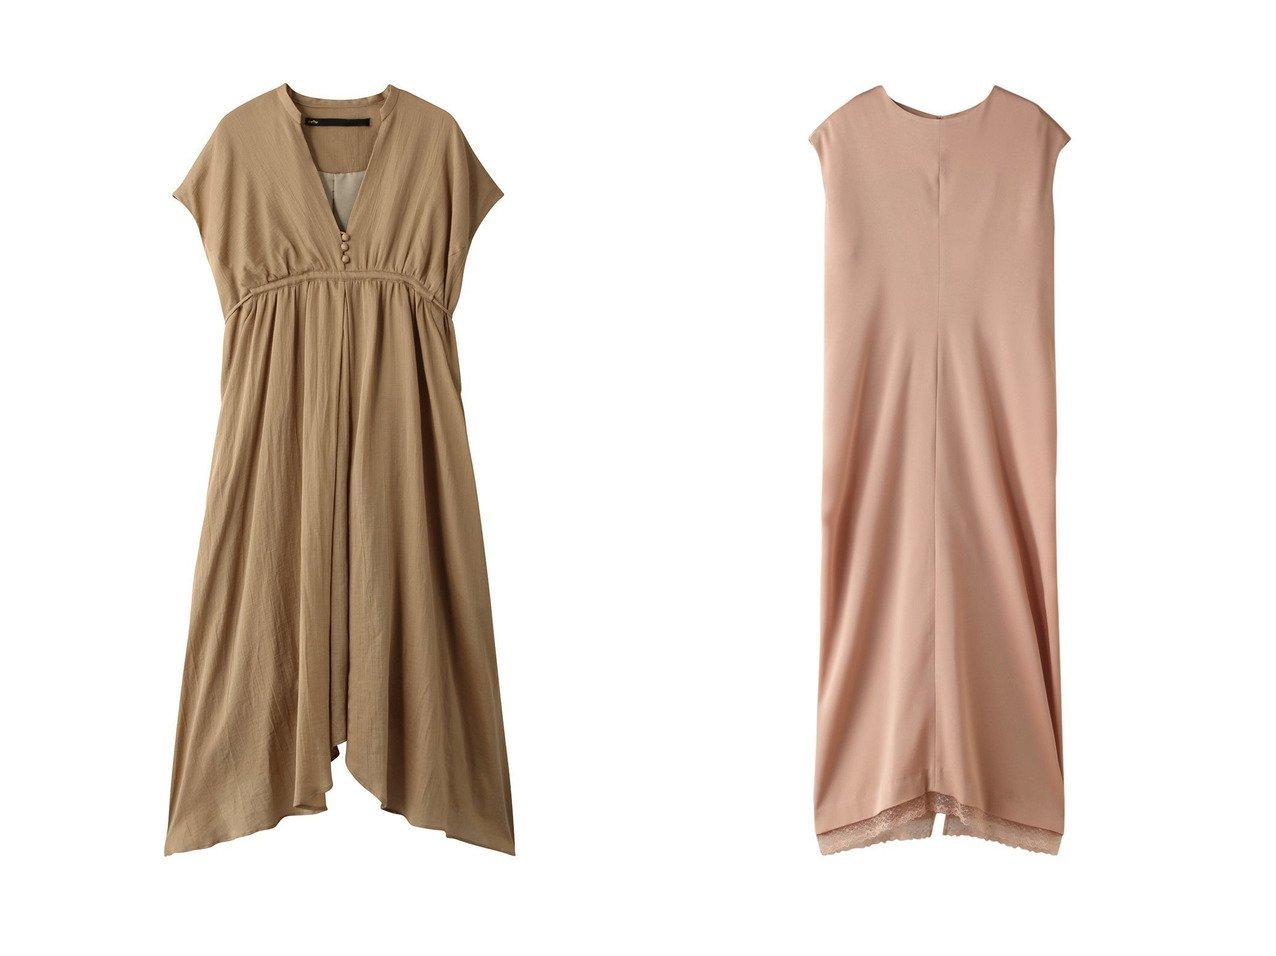 【muller of yoshiokubo/ミュラー オブ ヨシオクボ】のギャザードレス&【BAUME/ボーム】のレーストリムドレス ワンピース・ドレスのおすすめ!人気、レディースファッションの通販  おすすめで人気のファッション通販商品 インテリア・家具・キッズファッション・メンズファッション・レディースファッション・服の通販 founy(ファニー) https://founy.com/ ファッション Fashion レディース WOMEN ワンピース Dress ドレス Party Dresses ギャザー ドレス フェミニン リボン ドレープ パーティ  ID:crp329100000000135